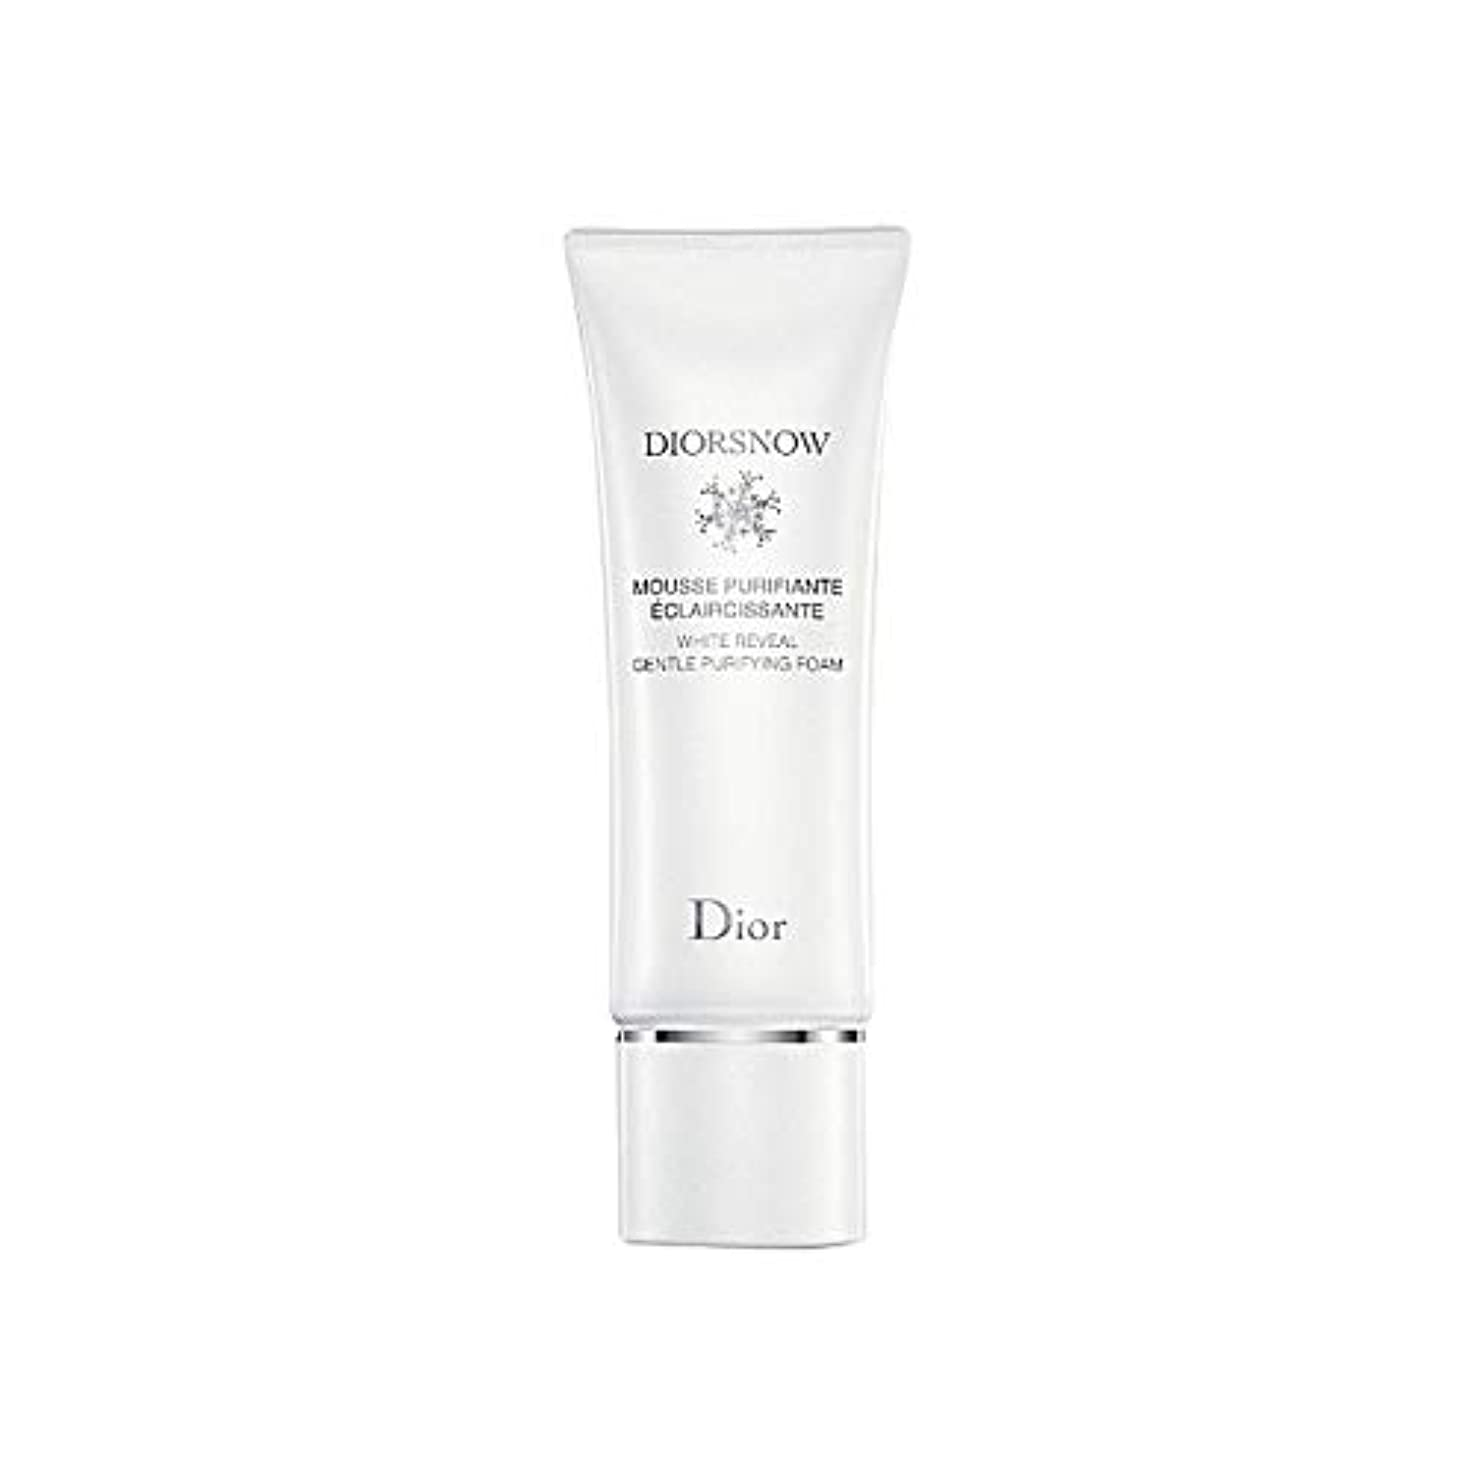 合併リハーサル付ける[Dior] ディオールディオールスノー浄化フォーム - Dior Diorsnow Purifying Foam [並行輸入品]